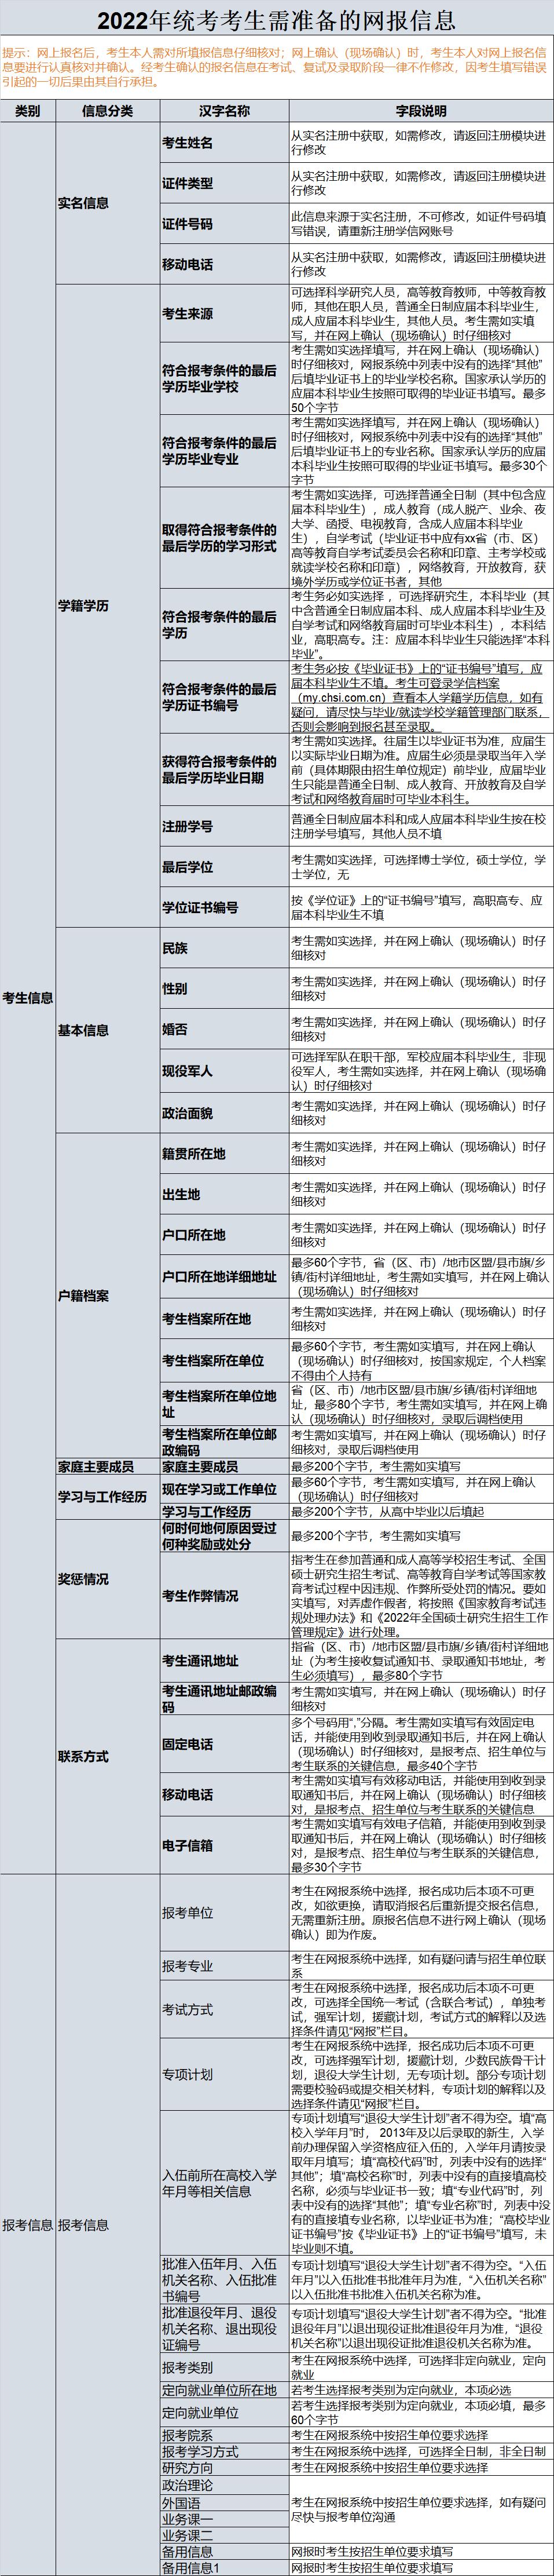 【考研汇总】2022级研招网报名流程及详细注意事项